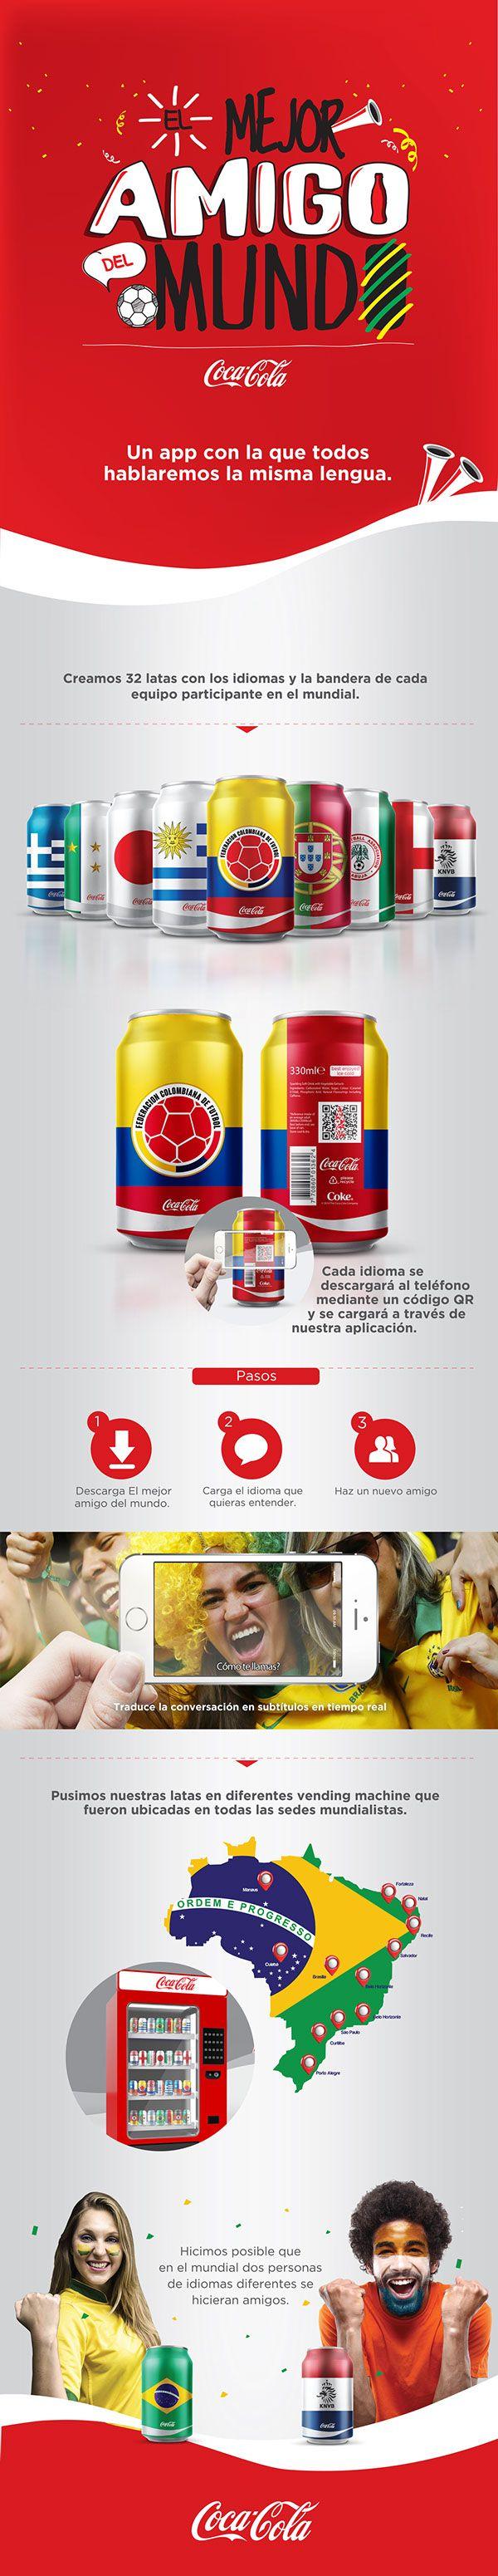 El mejor amigo del mundo by Coca.Cola on Behance